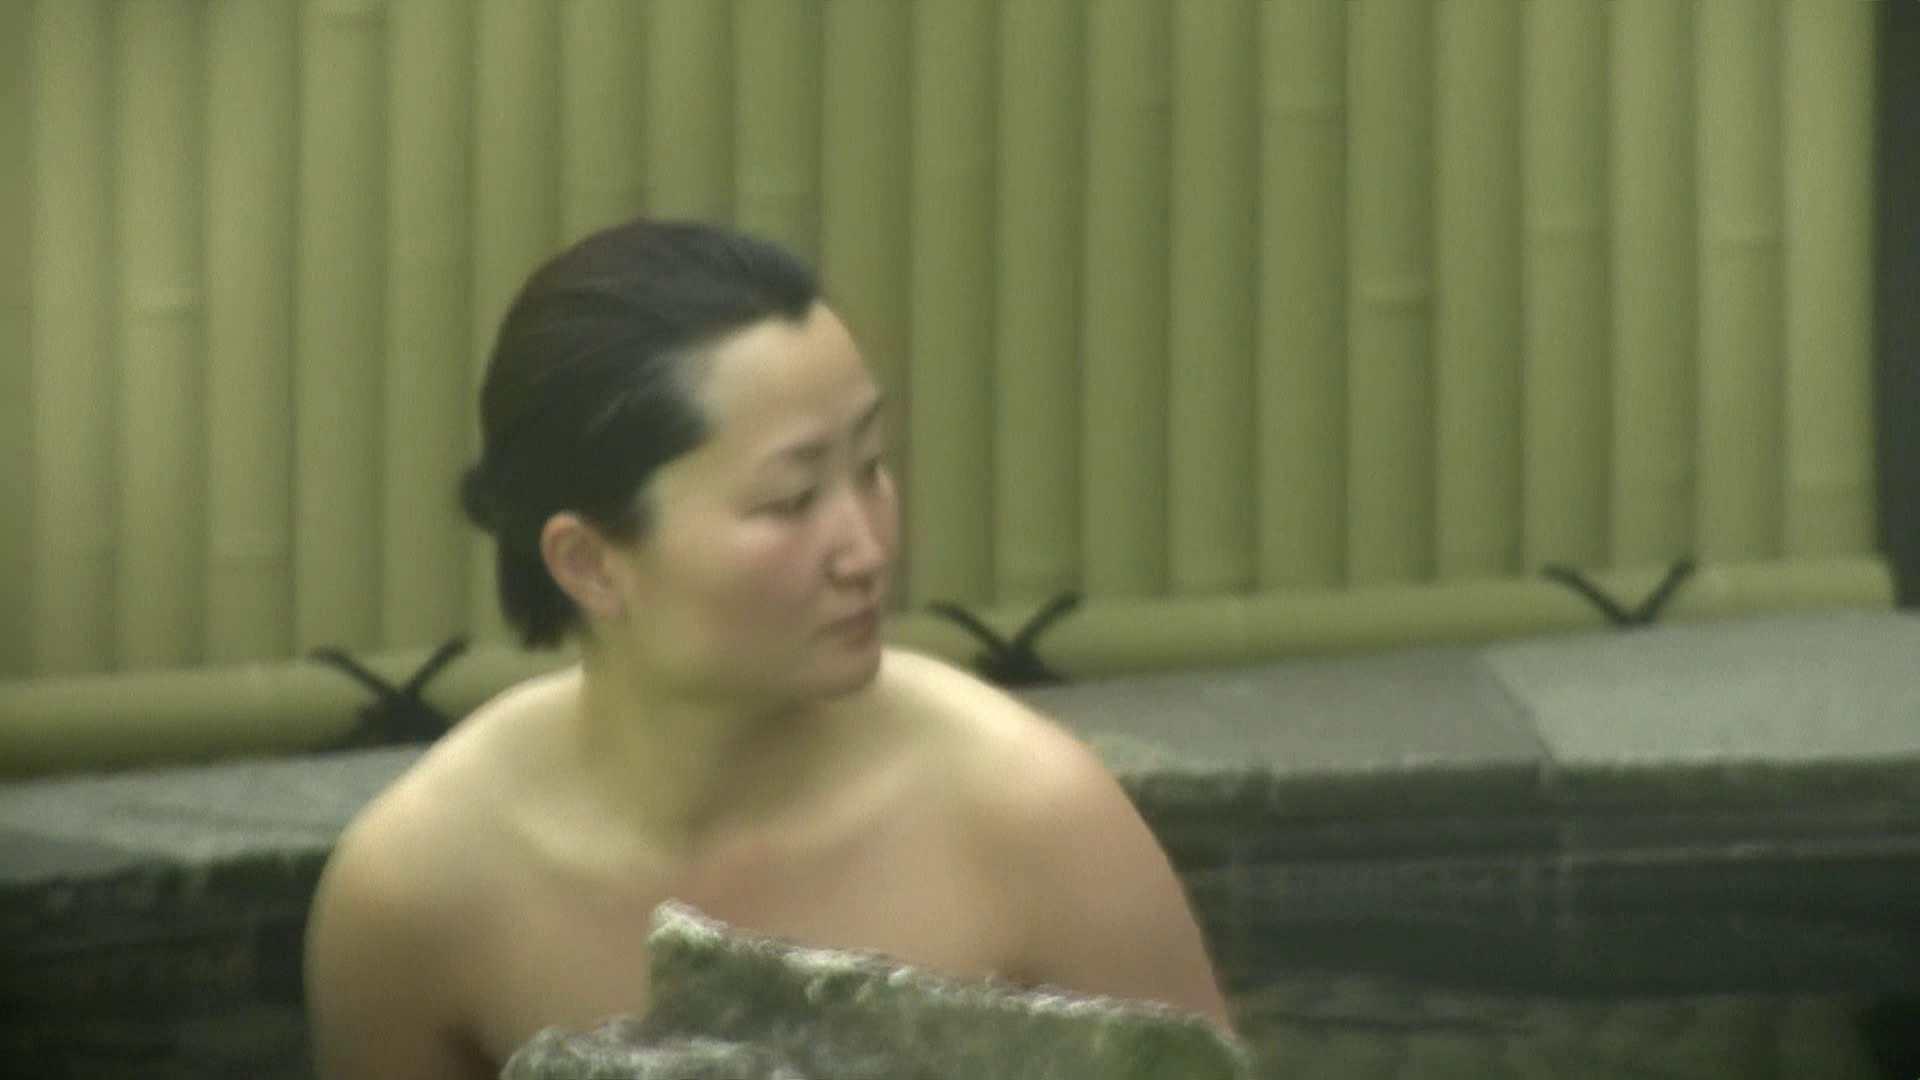 Aquaな露天風呂Vol.632 OL女体 のぞき動画画像 75連発 5